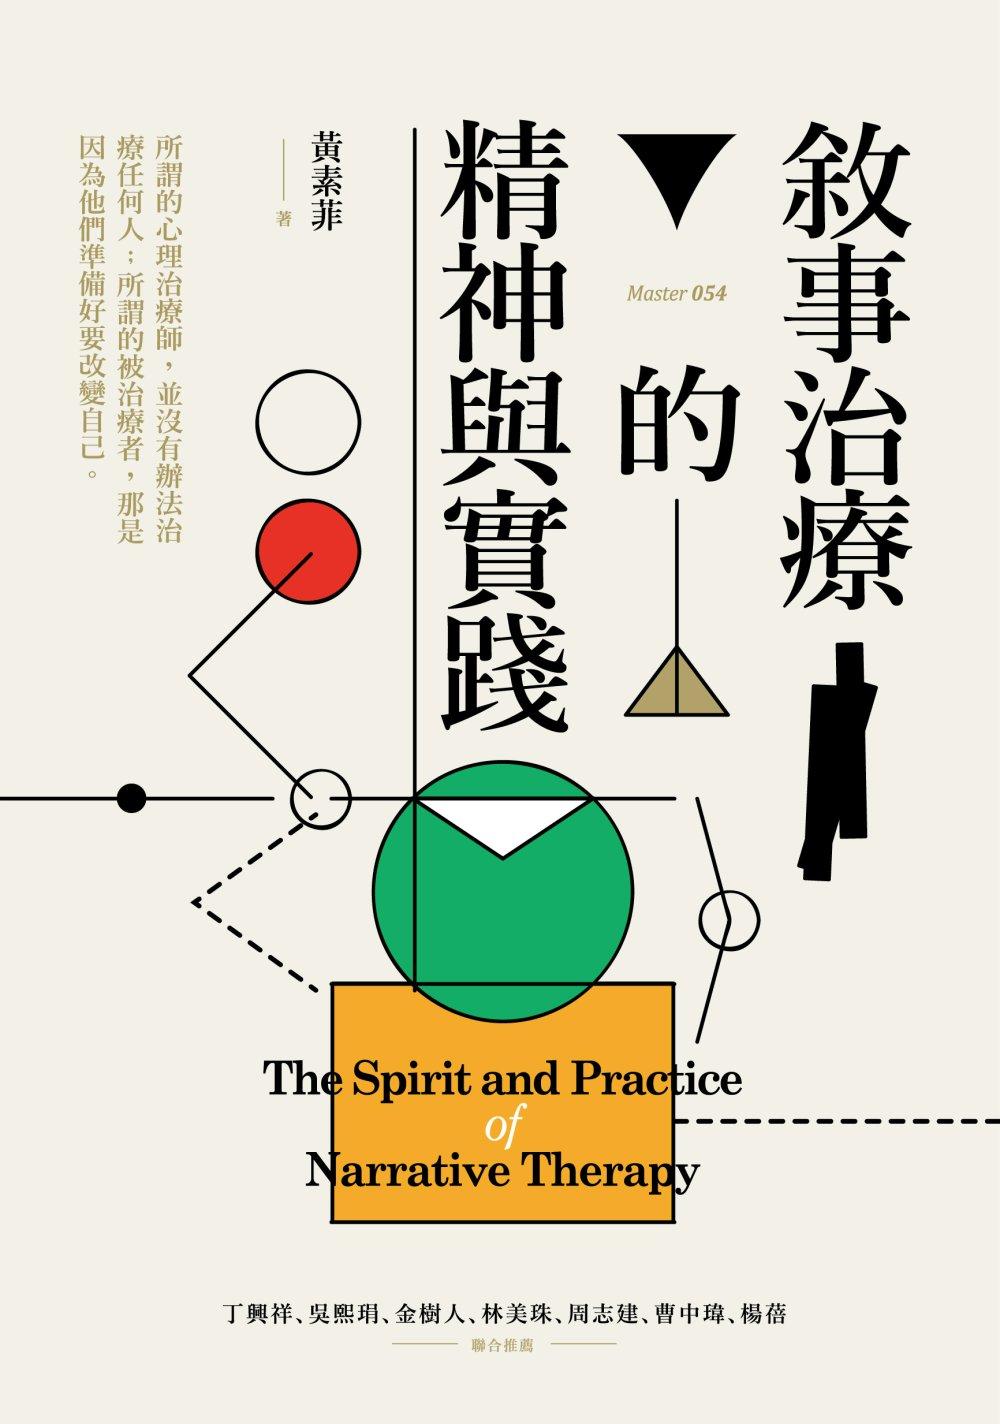 敘事治療的精神與實踐